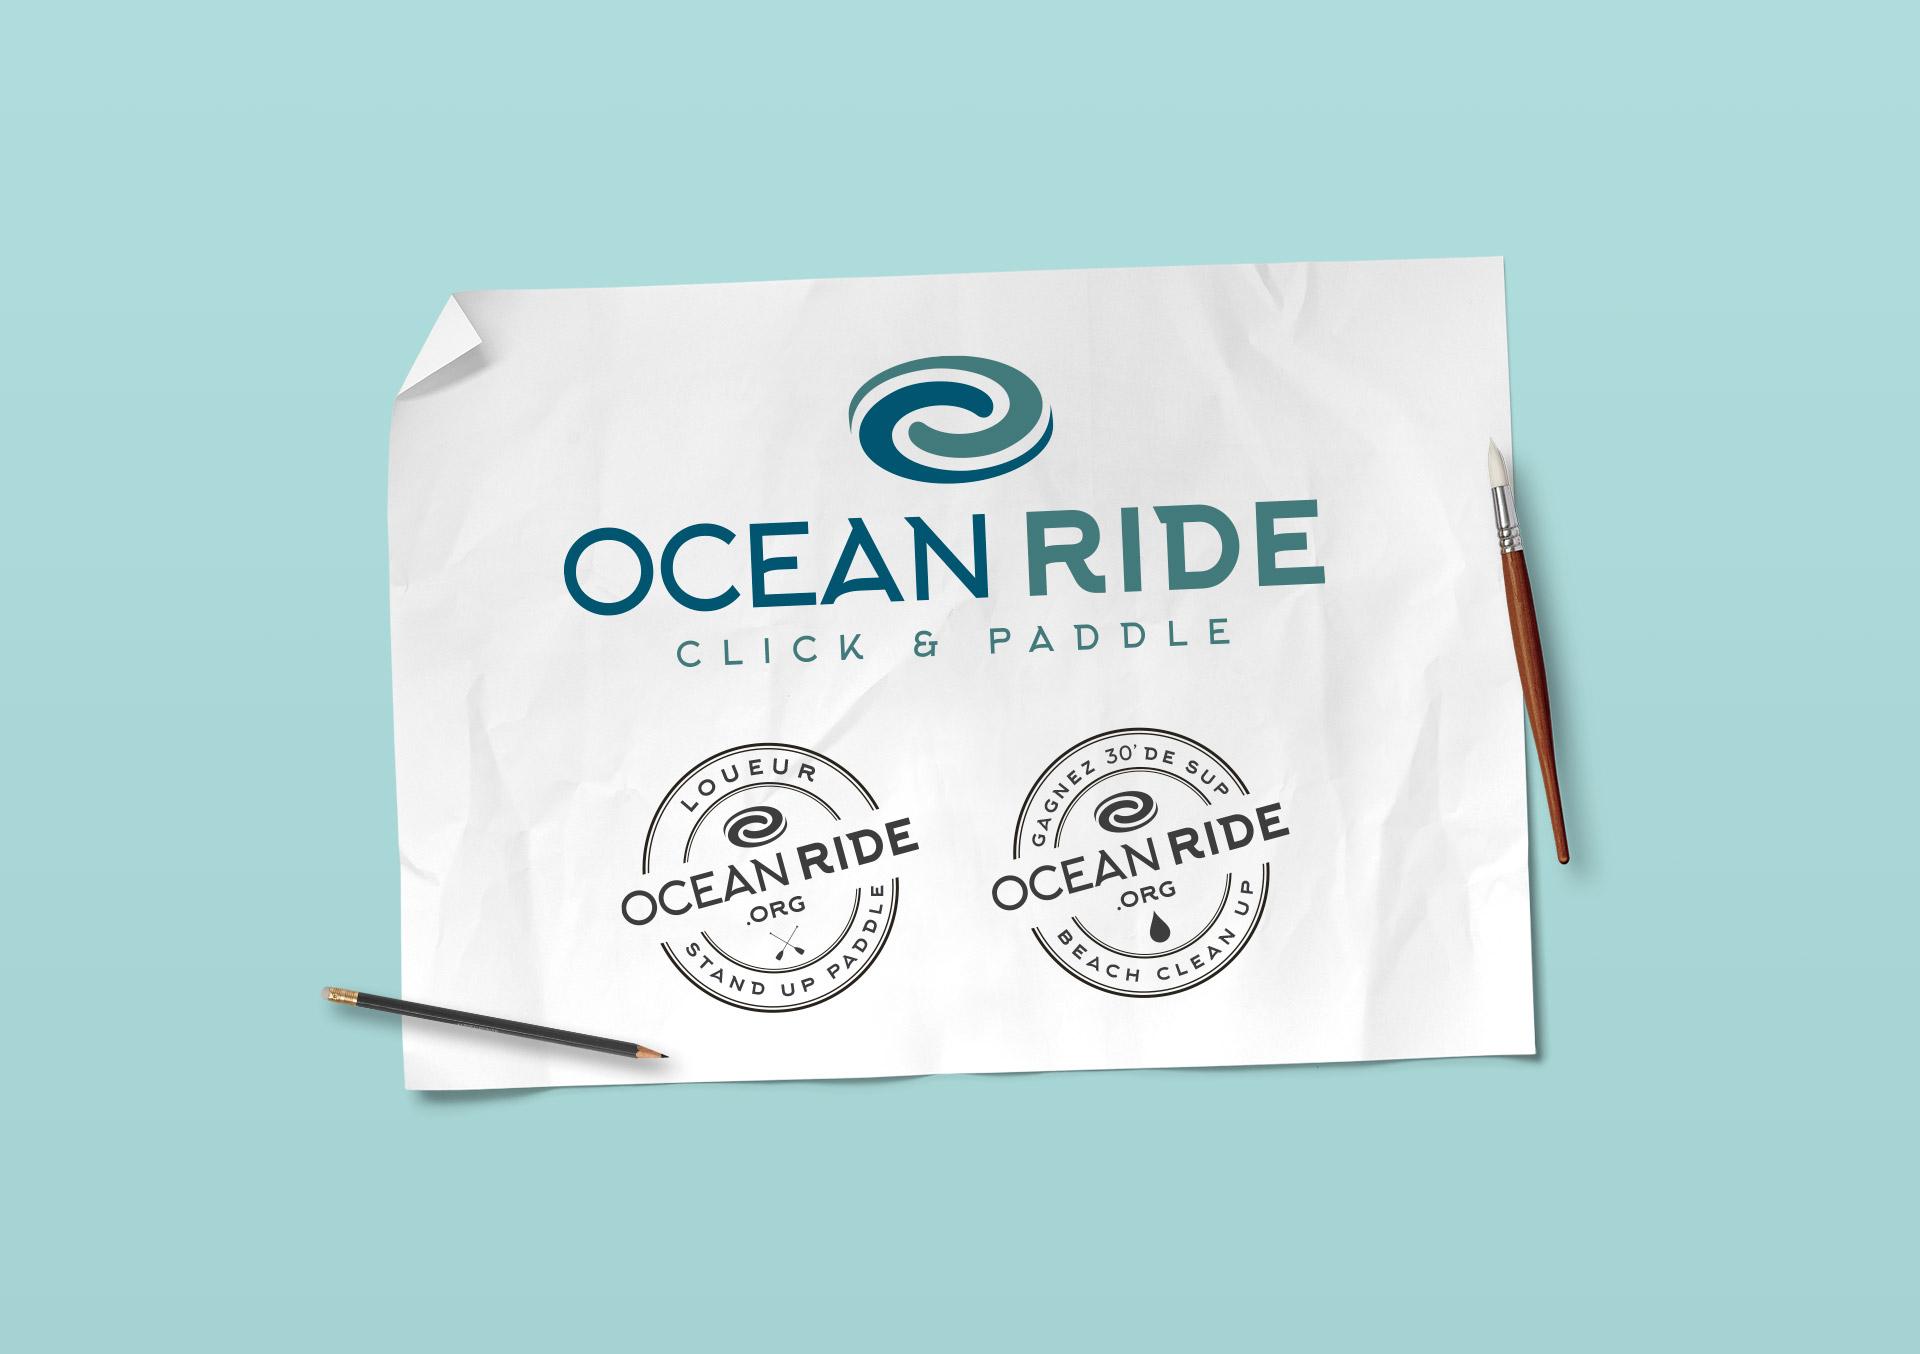 Identité visuelle-Ocean Ride, stand up paddle